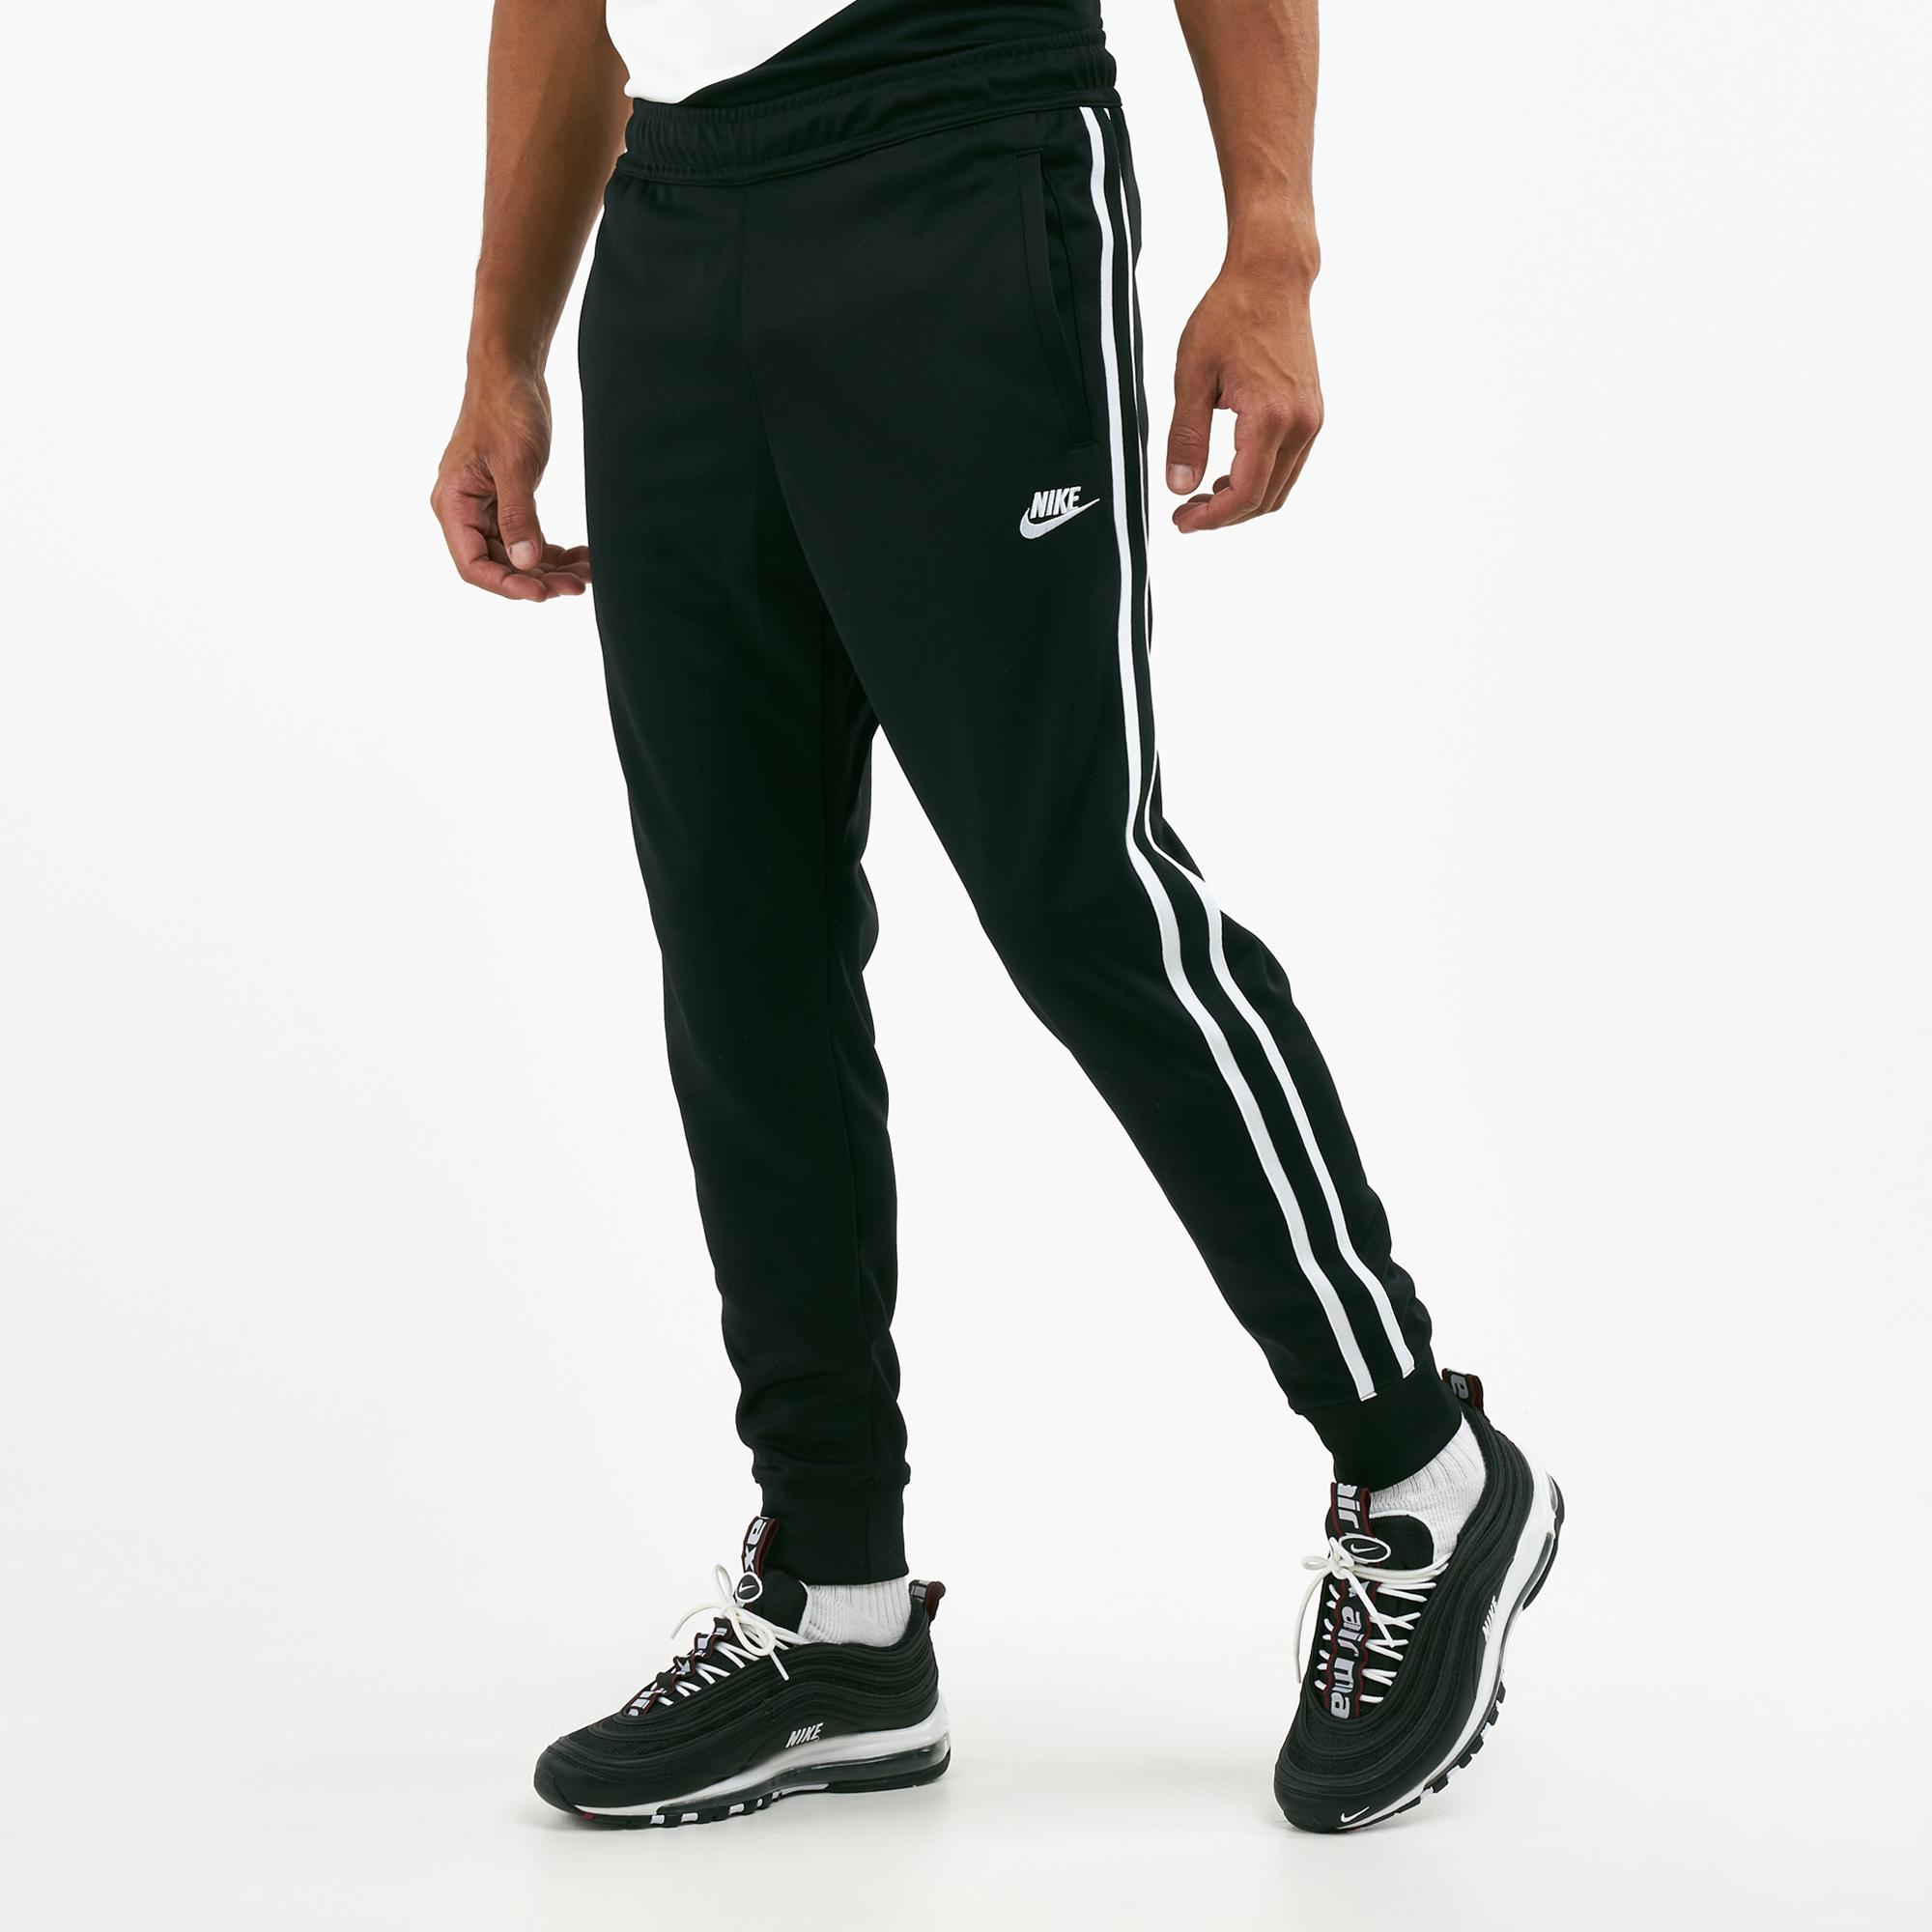 6e4747d8303b9 Nike Men's Side Stripe Joggers   Track Pants   Pants   Clothing   Mens   SSS